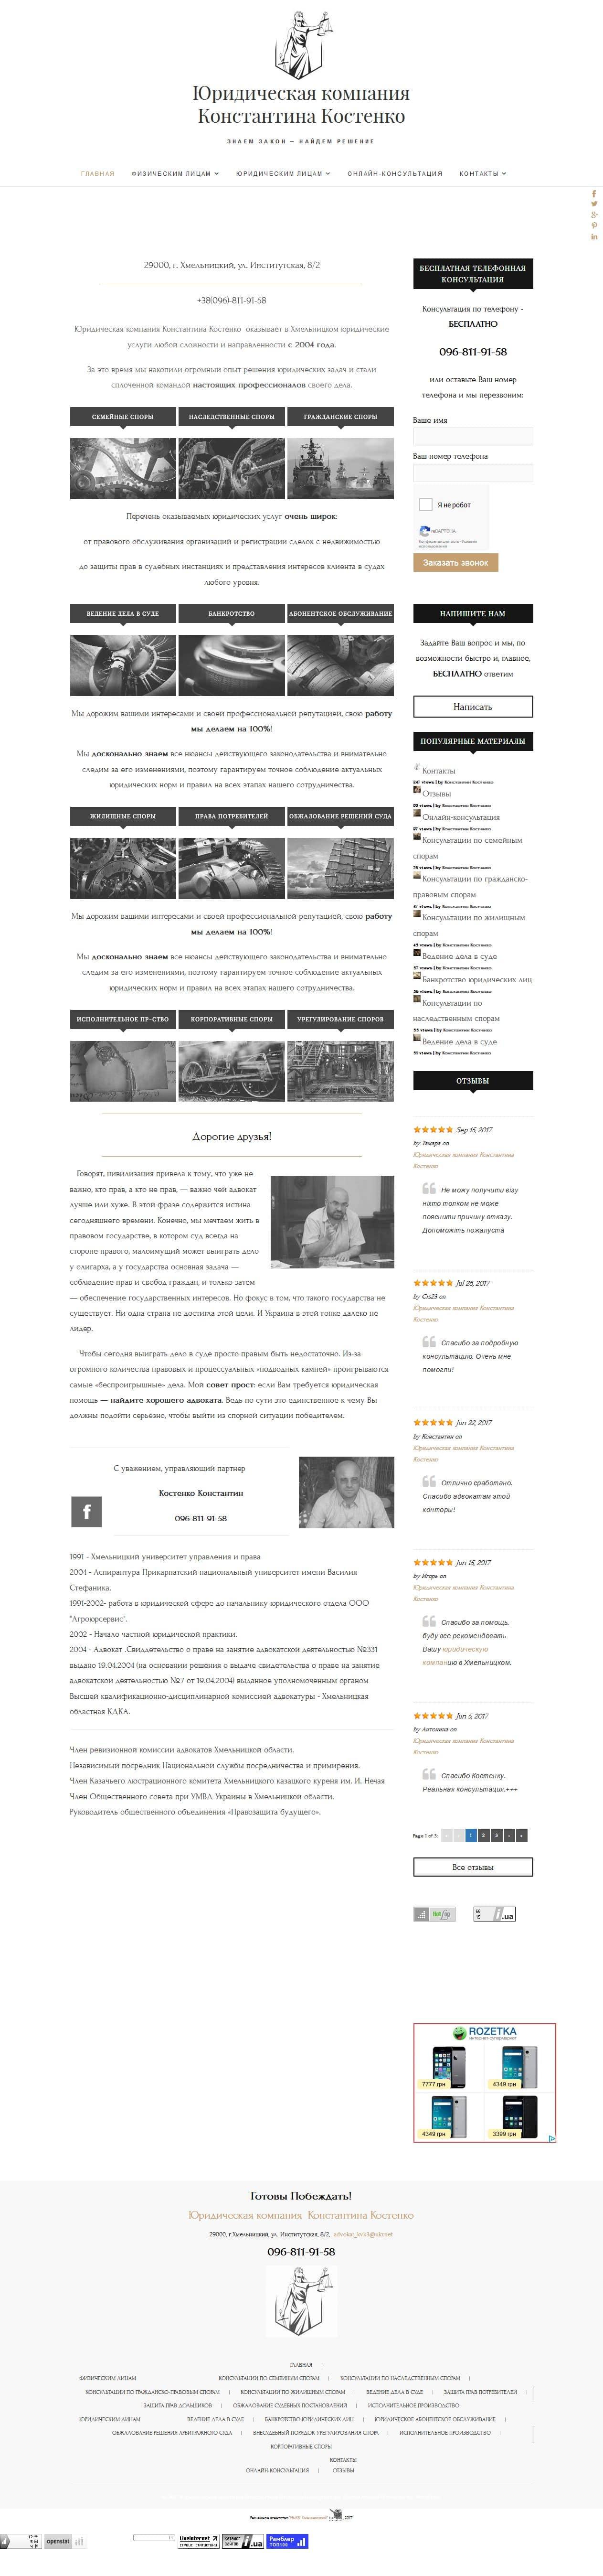 בניית אתר, קידום, קידום אתר, פרסום קונטקסטואלי. שיווק באינטרנט שיווק באינטרנט. הזמנת אתר, אופטימיזציה SEO, קידום קידום אתרים, יצירת חנות מקוונת, פרסום באינטרנט.